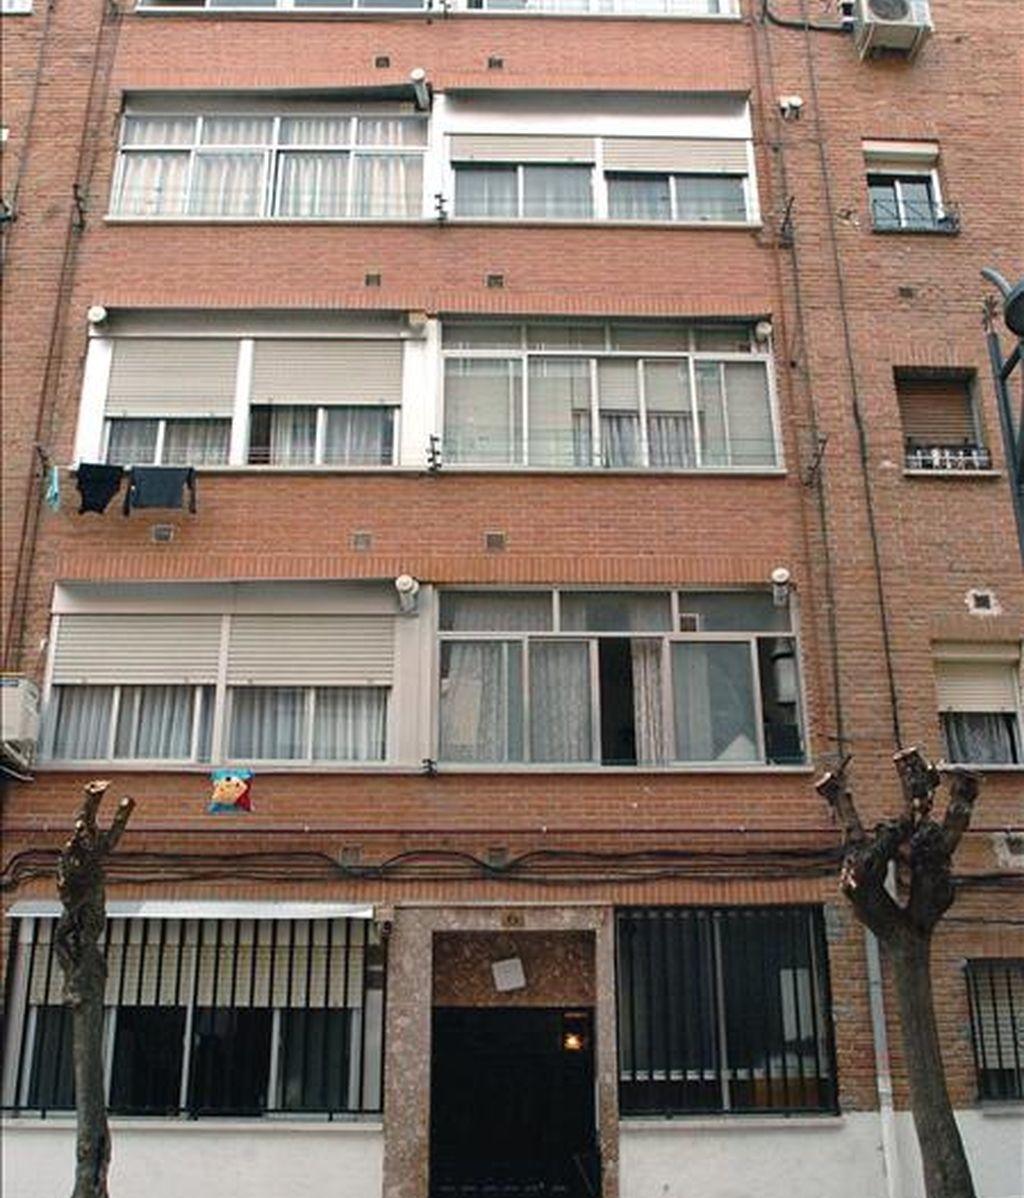 Fachada del edificio situado en el número 6 de la calle Camelias, en la localidad madrileña de Getafe, donde fue detenido Mohamed Haddad, de 30, por su supuesta relación con el terrorismo islamista y con los implicados en los atentados del 11 de marzo de 2004 en Madrid. EFE/Archivo